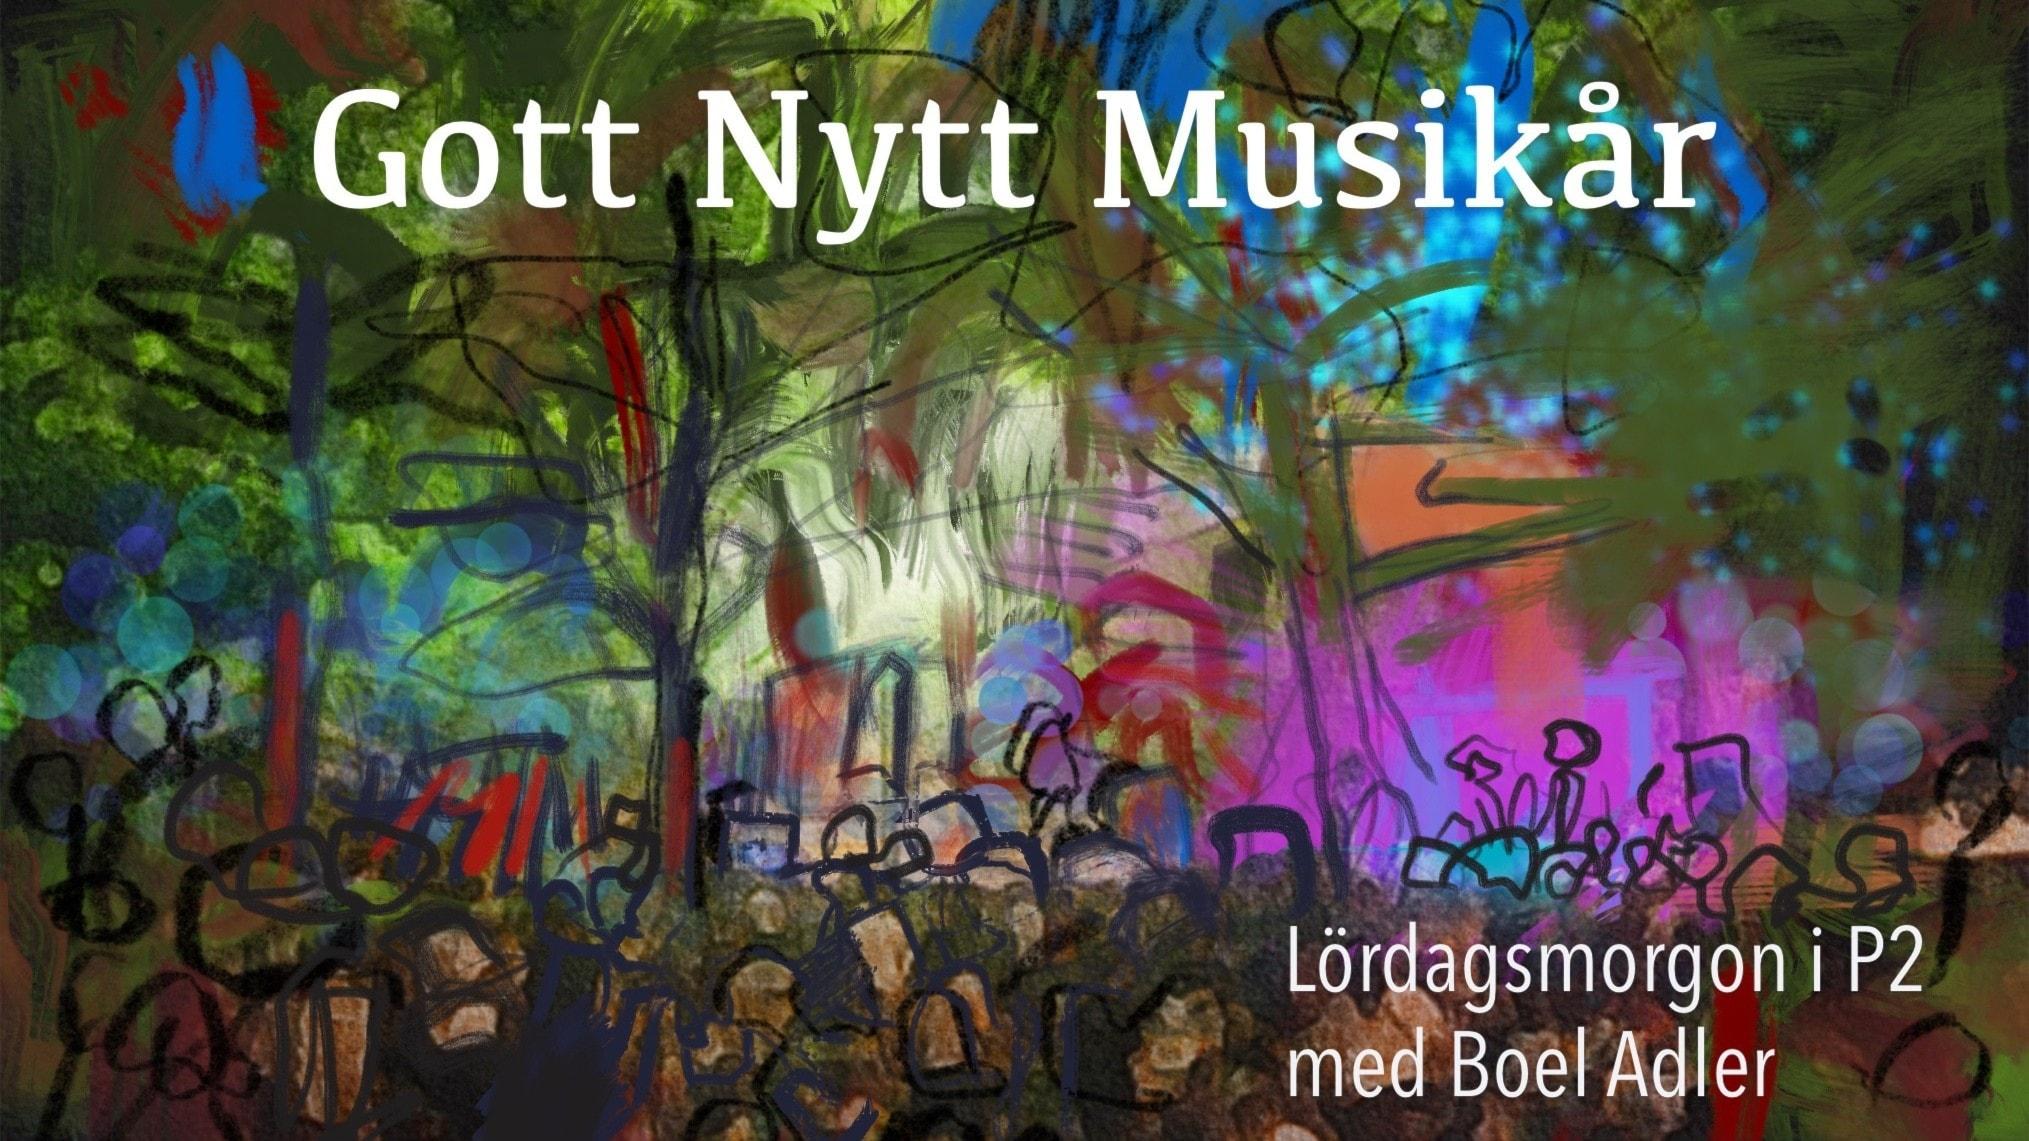 Gott Nytt Musikår! Boel Adler ser fram emot genreblandning, generationsmöten, nya konsertformer och operaupplevelser,